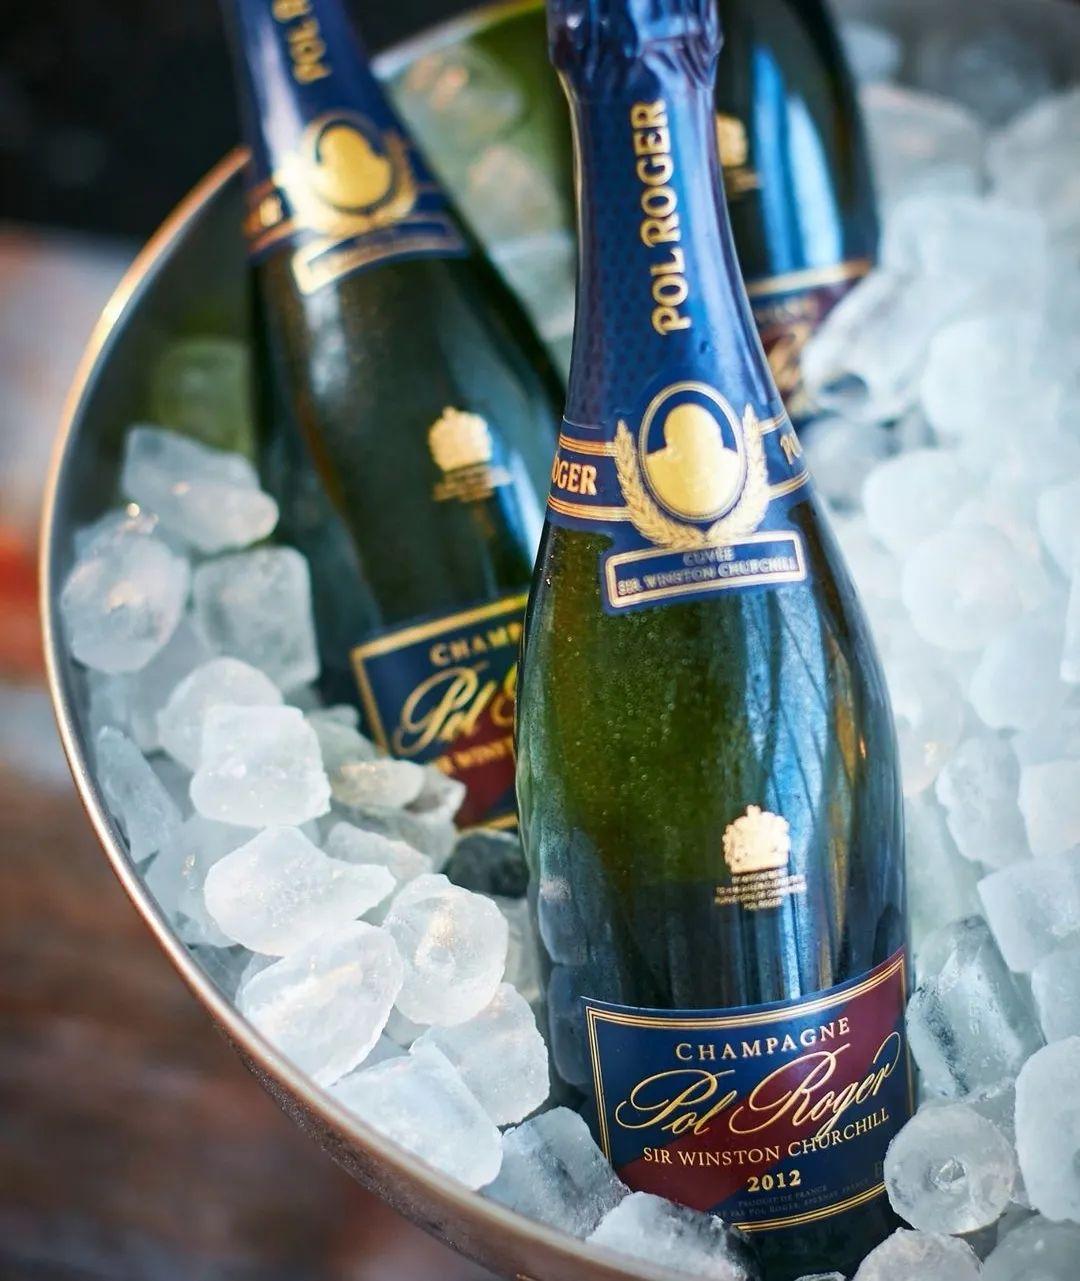 香槟新闻   Krug 全新酿造车间投入使用、卡狮龙酒庄发布第三款 Hors Catégorie 香槟